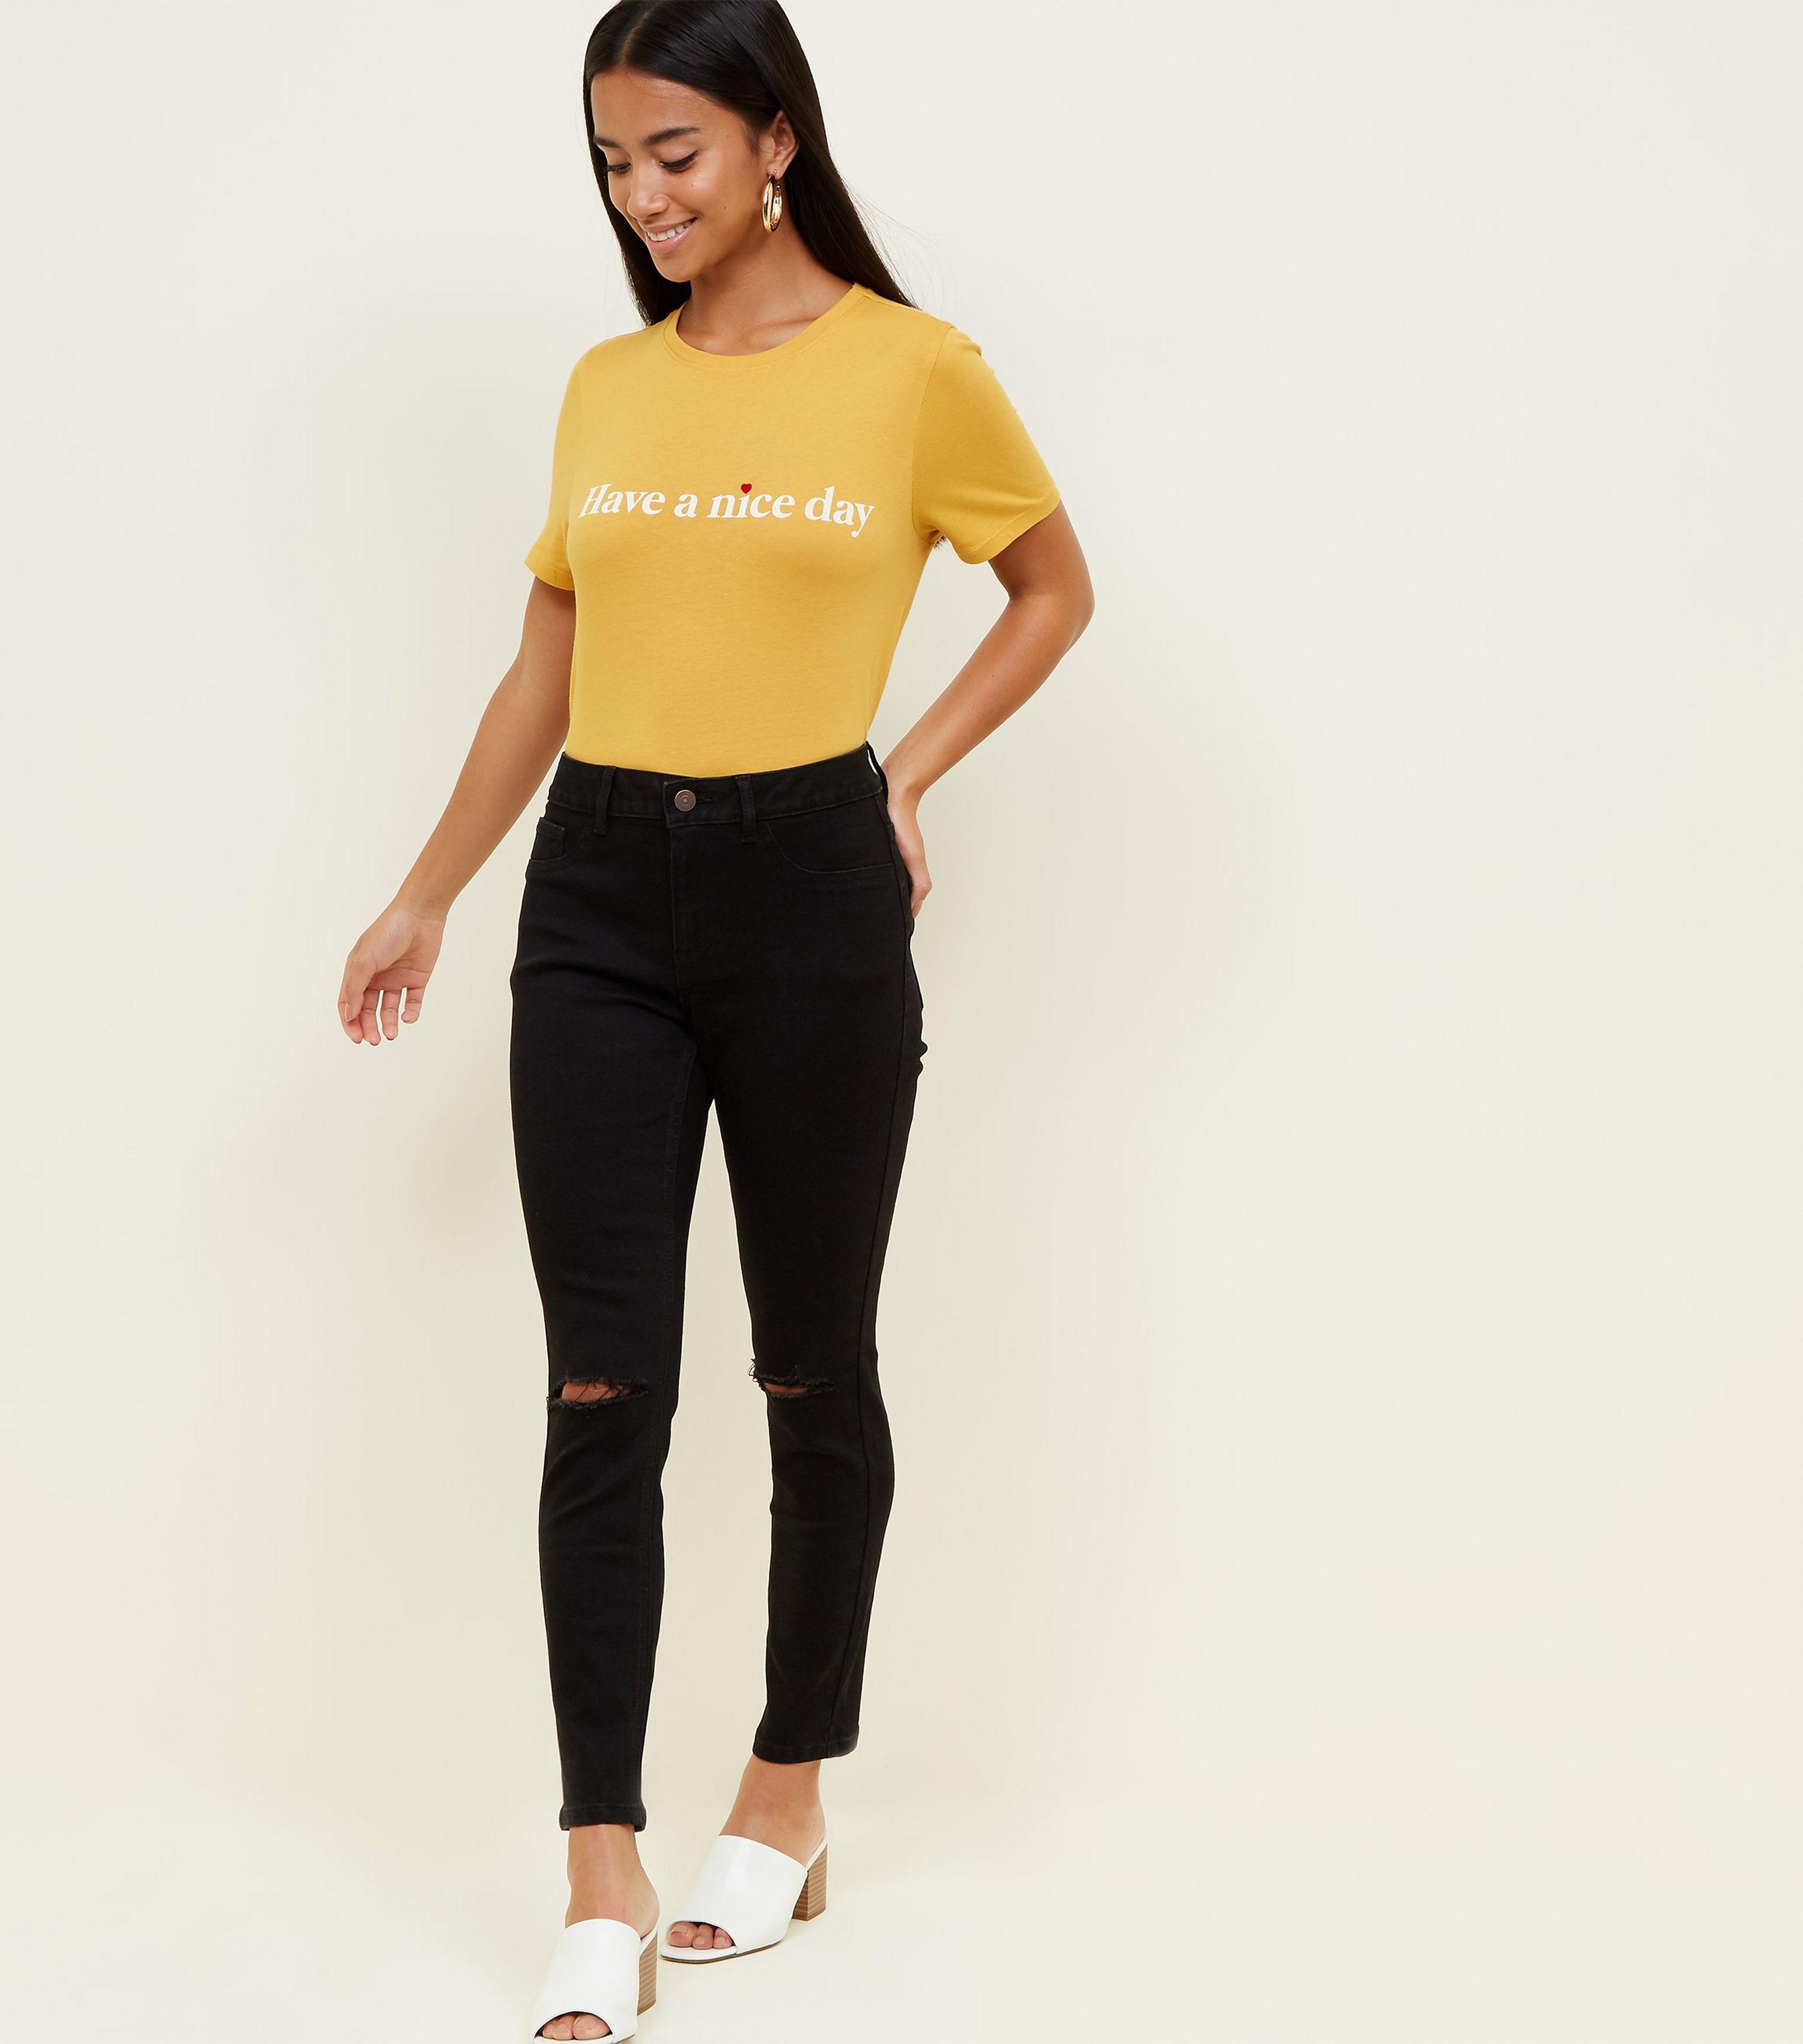 15fd96d8d2f New Look Petite Black Skinny Ripped Knee Jenna Jeans in Black - Lyst